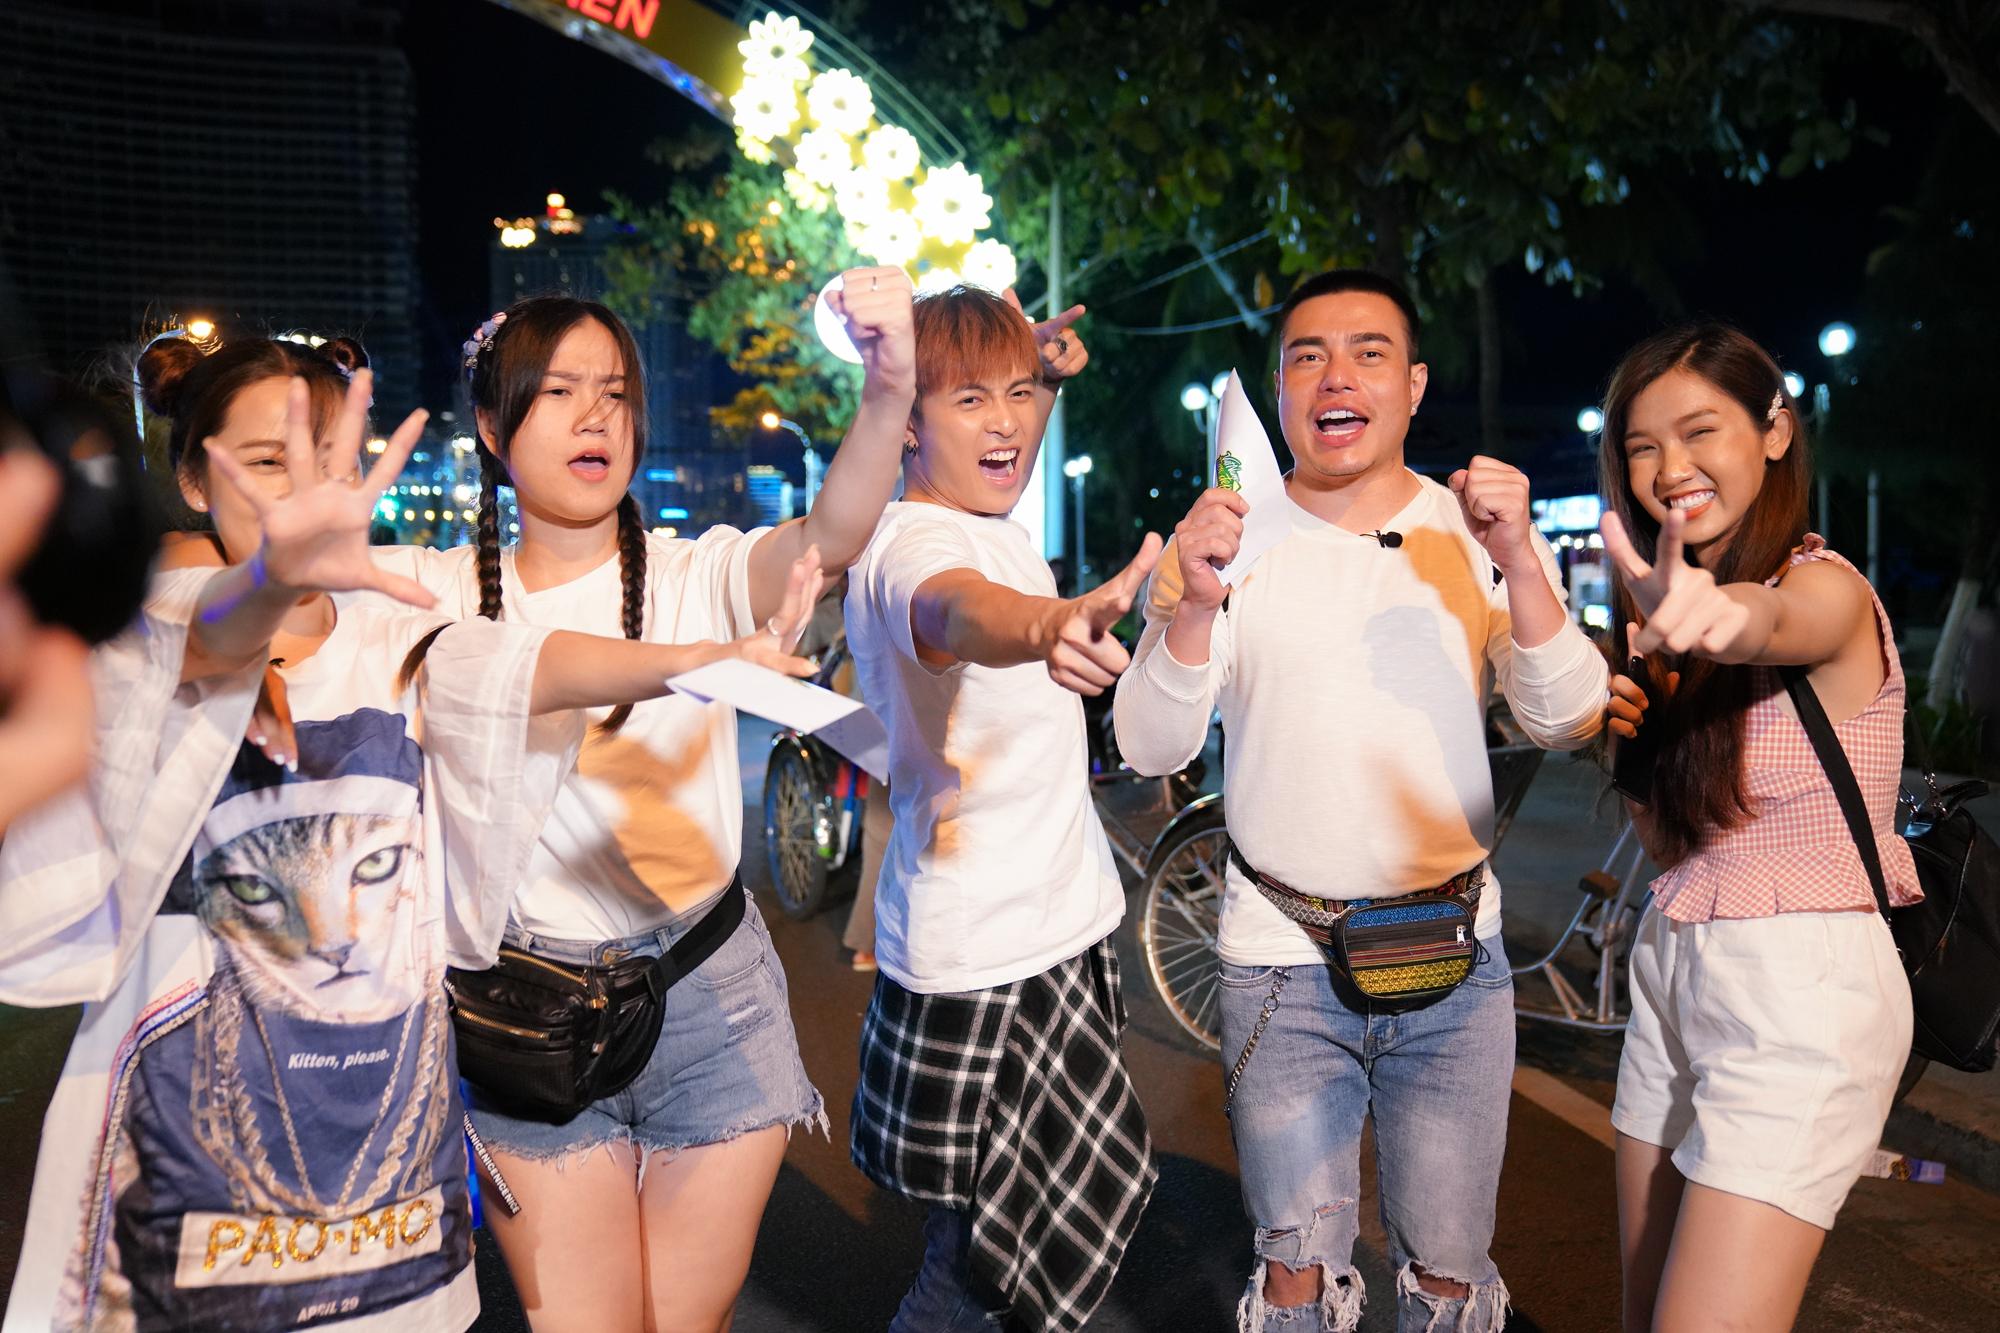 Lâm Vỹ Dạ, Puka được con trai Hàn Quốc khen xinh đẹp, Dương Lâm, Gin Tuấn Kiệt bán sinh tố vỉa hè mưu sinh